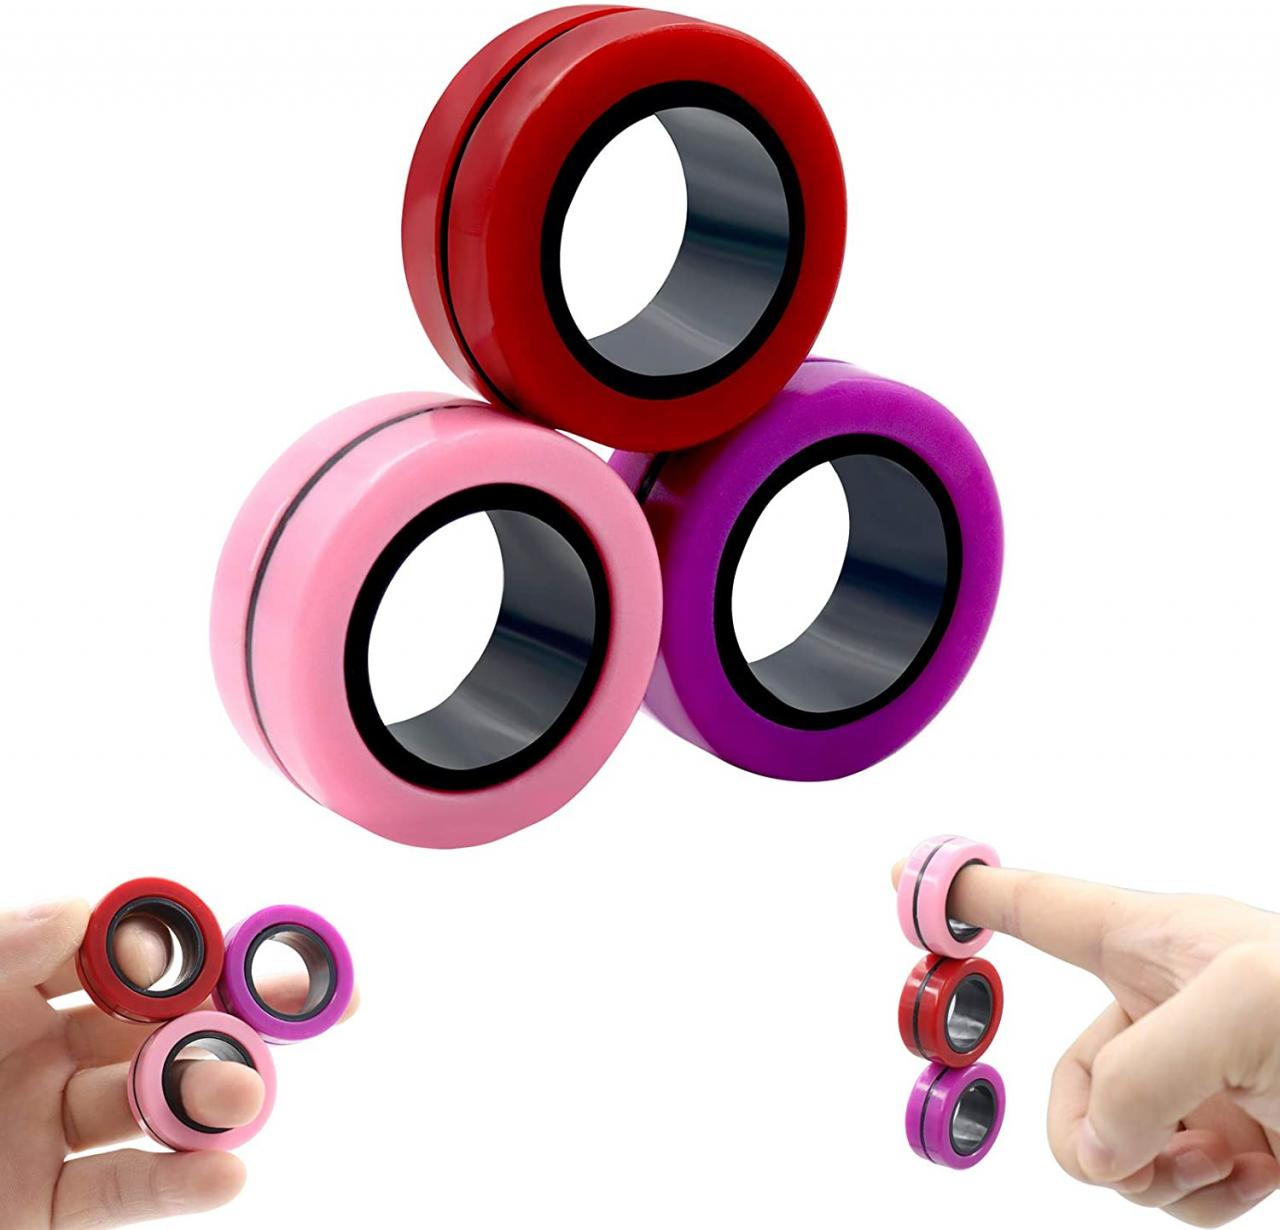 He397ad6abb714472a9a3b8a77566754am - Ring Fidget Store